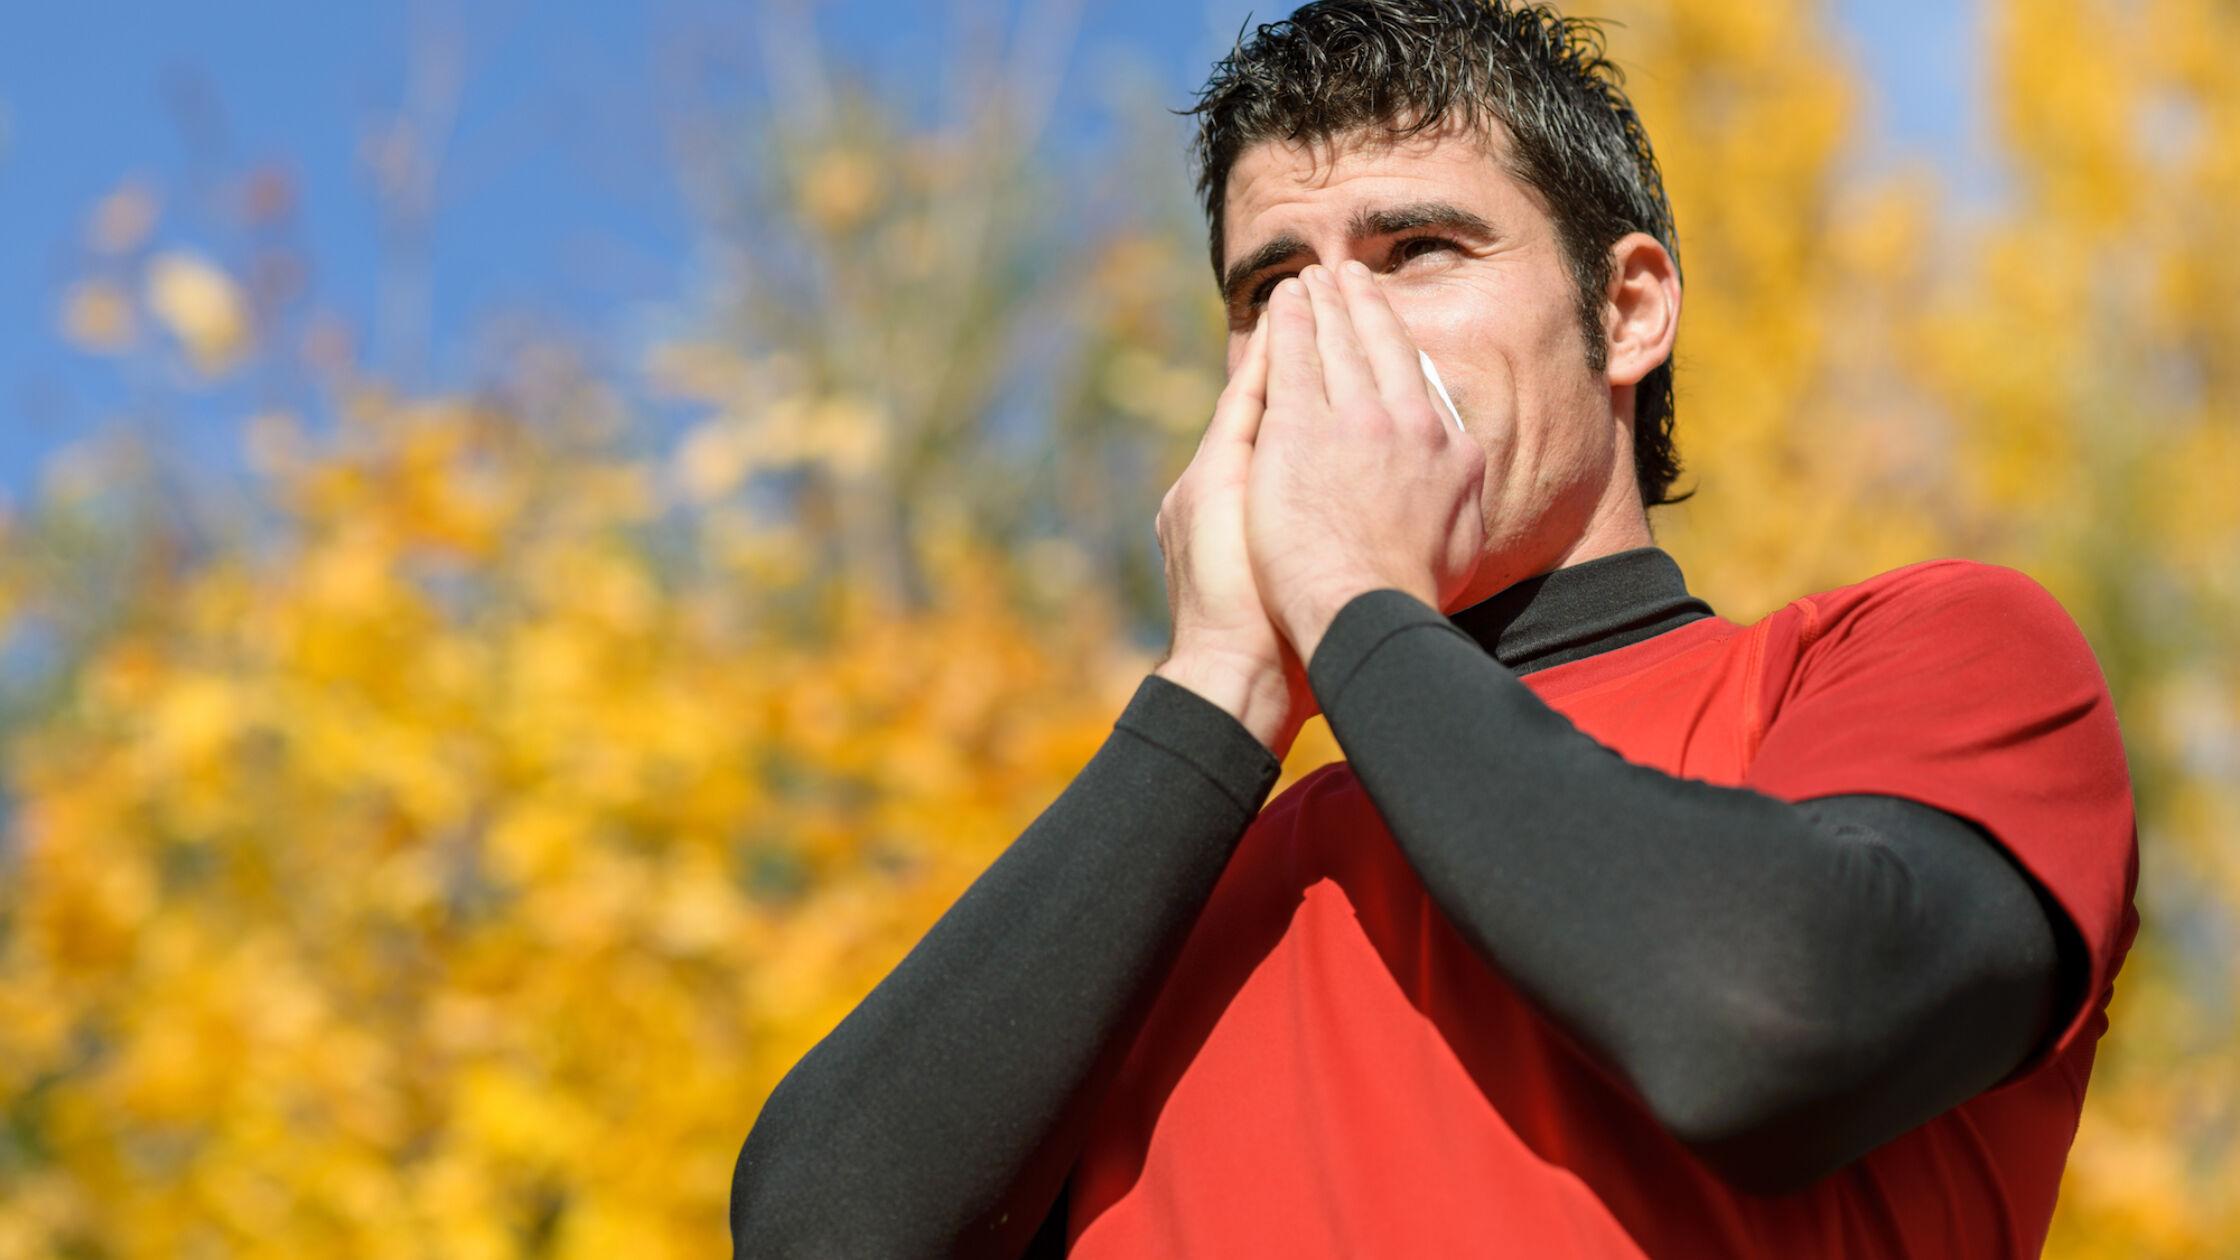 Wat doe je als je vlak voor een wedstrijd ziek wordt?